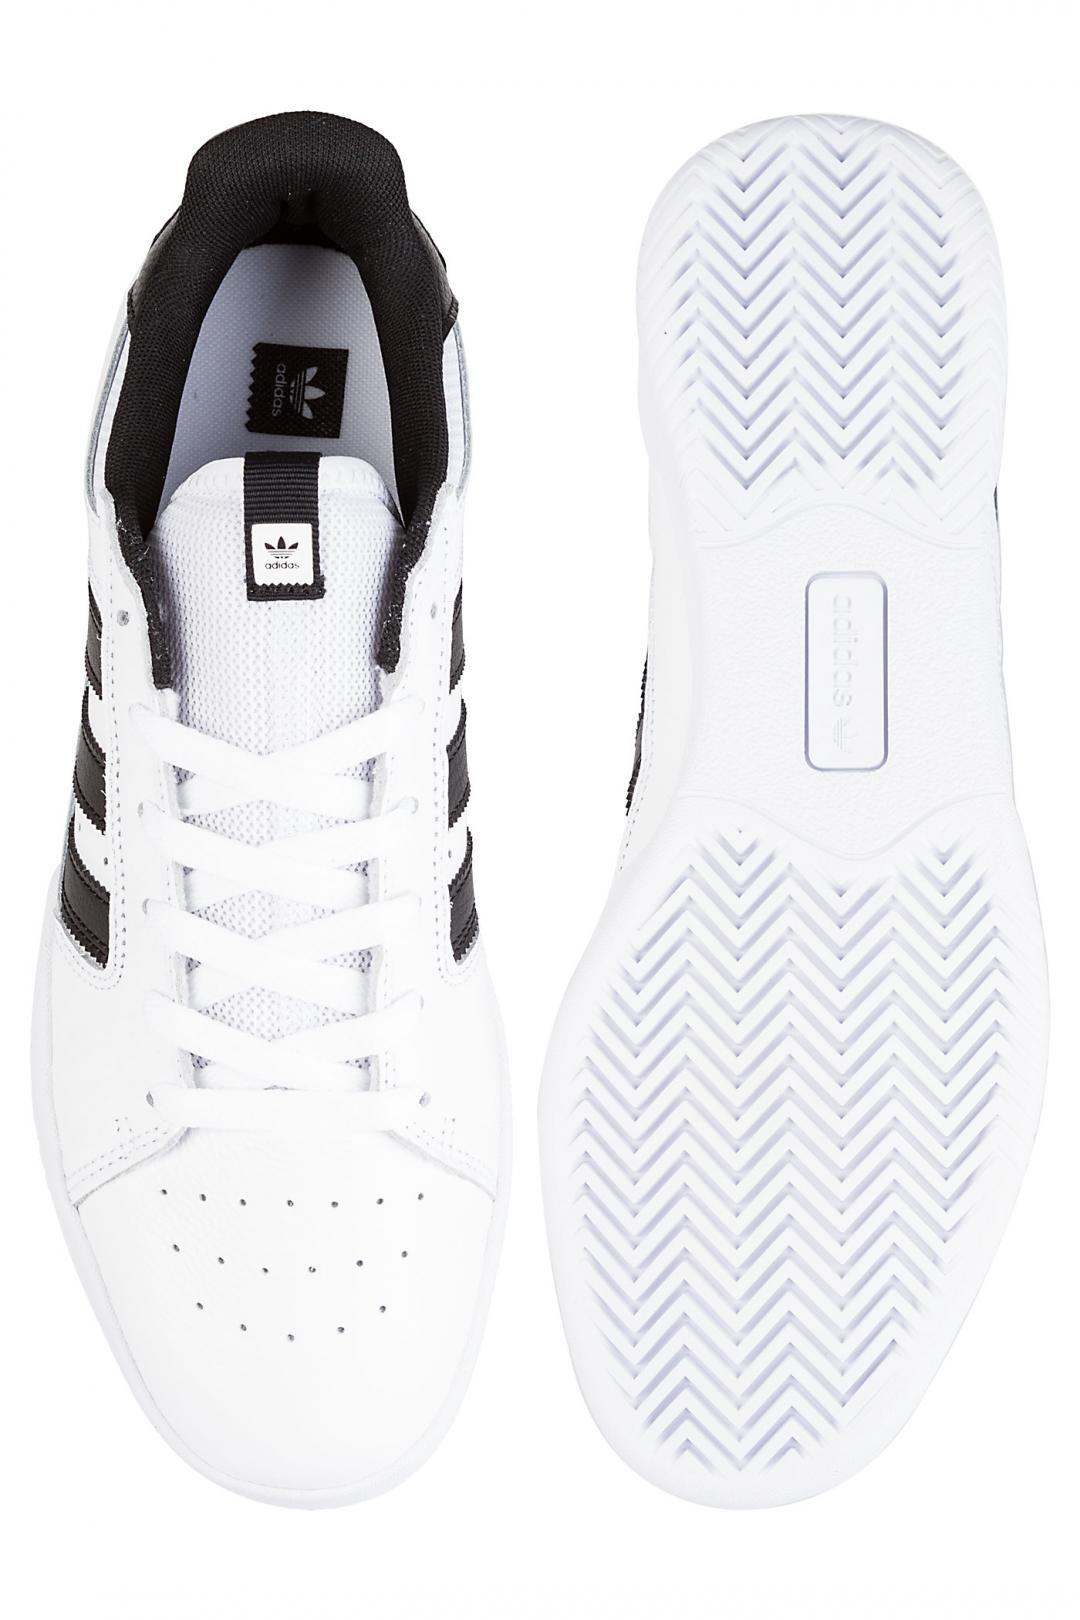 Uomo adidas Skateboarding VRX Low white core black white | Sneaker